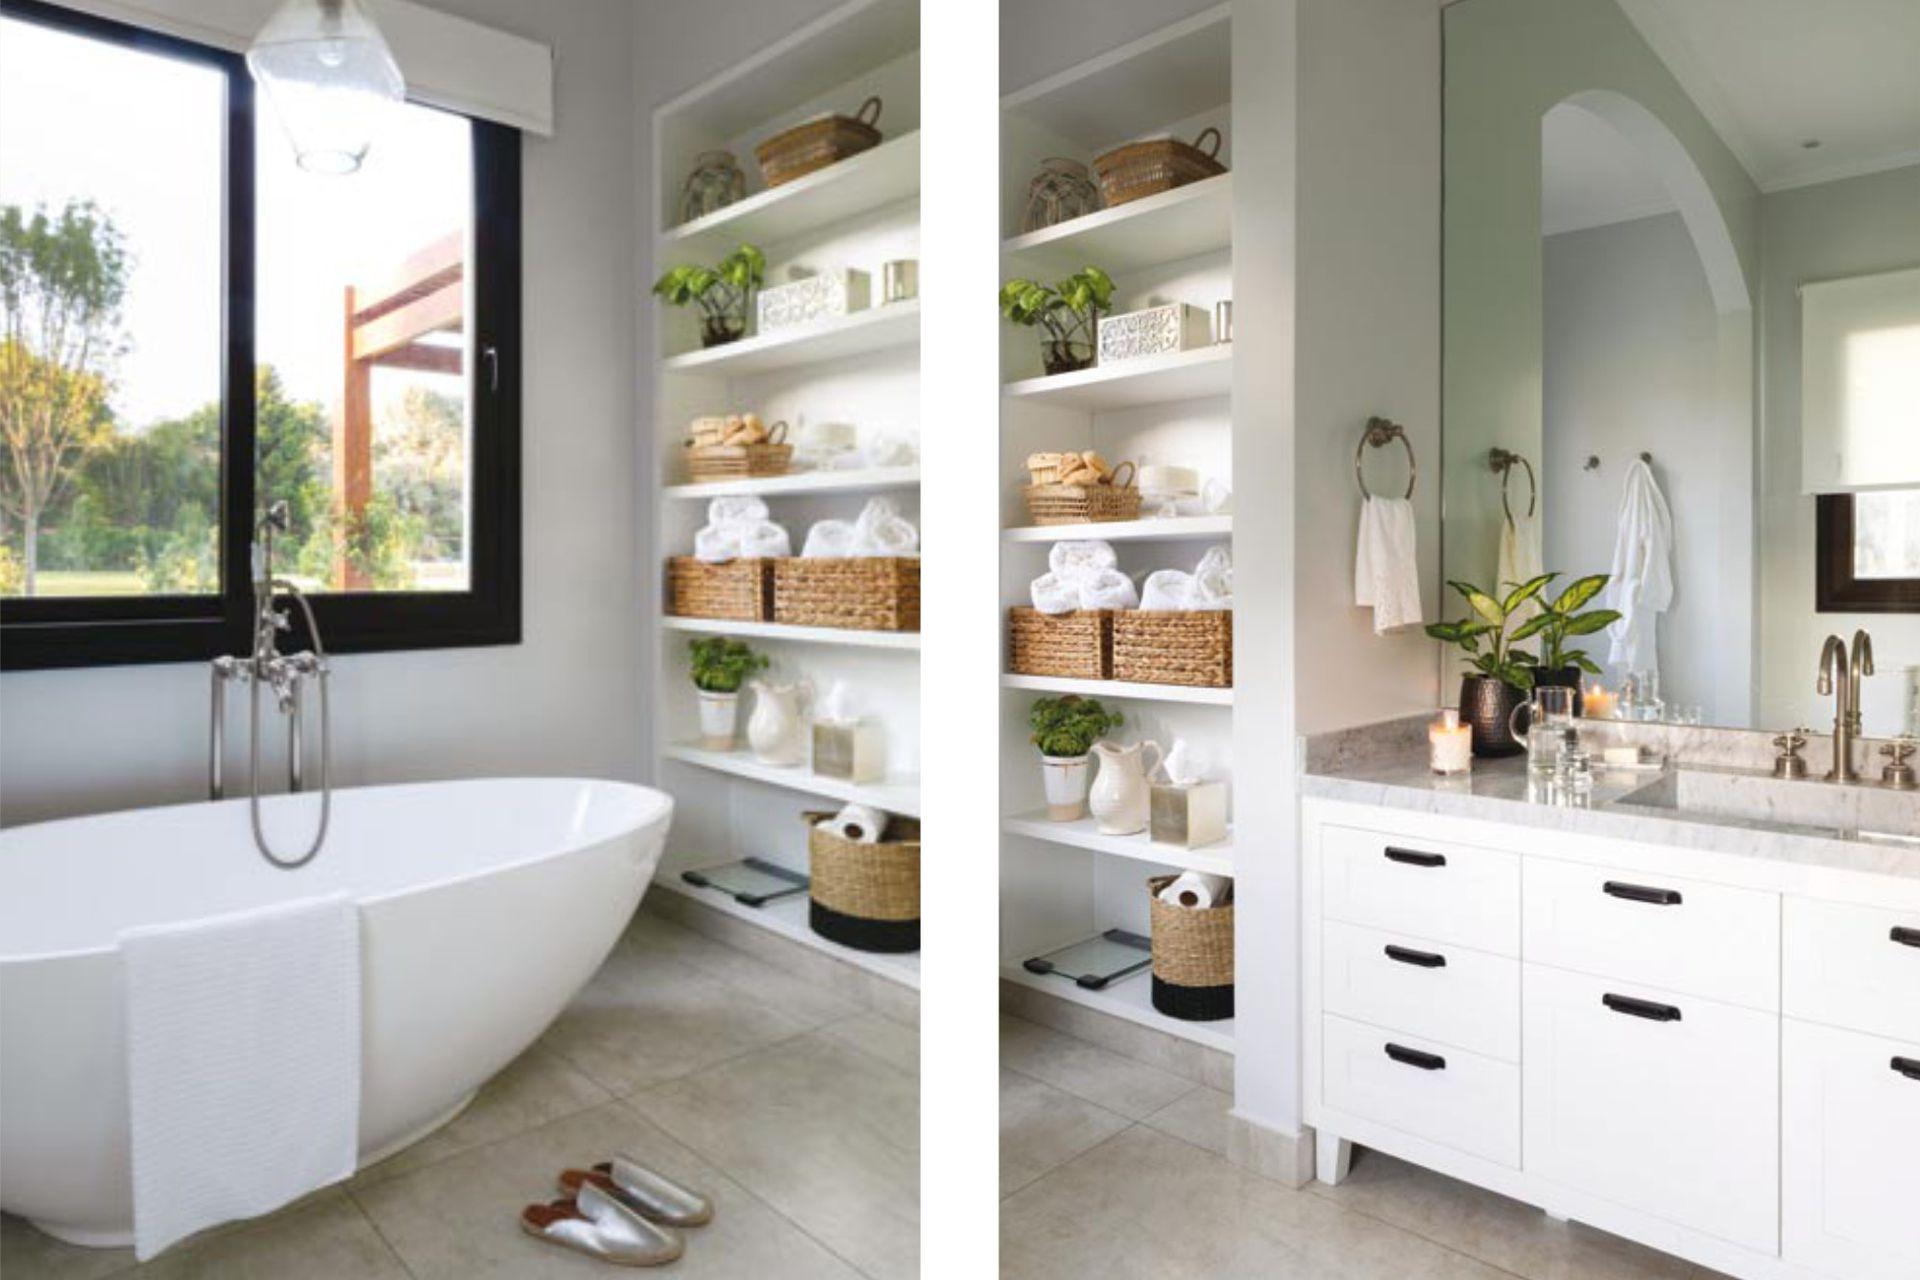 El baño de la suite tiene mueble con mesada de Carrara (Marmolería de Mori) y grifería 'Tango' (Robinet). Bañera exenta modelo 'elipsa' (Yacuzzi), canastos (Fraternidad), toallas (Luna Deco) y slippers plateadas (Summerlosophy).